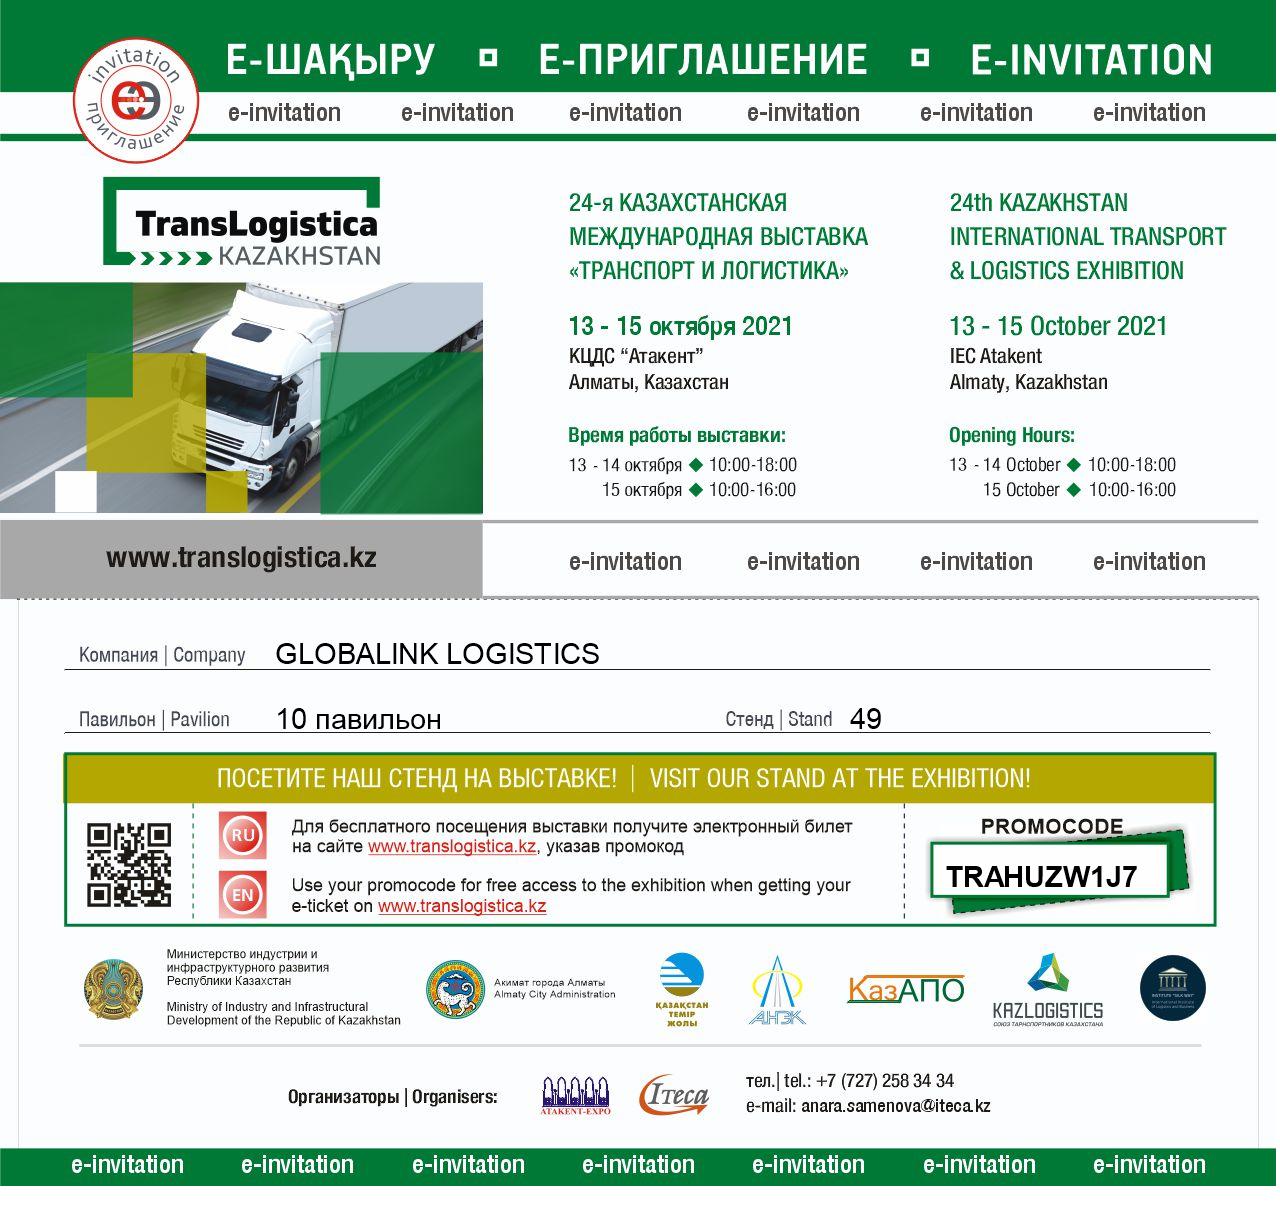 TRANSLOGISTICA KAZAKHSTAN 2021 in ALMATY